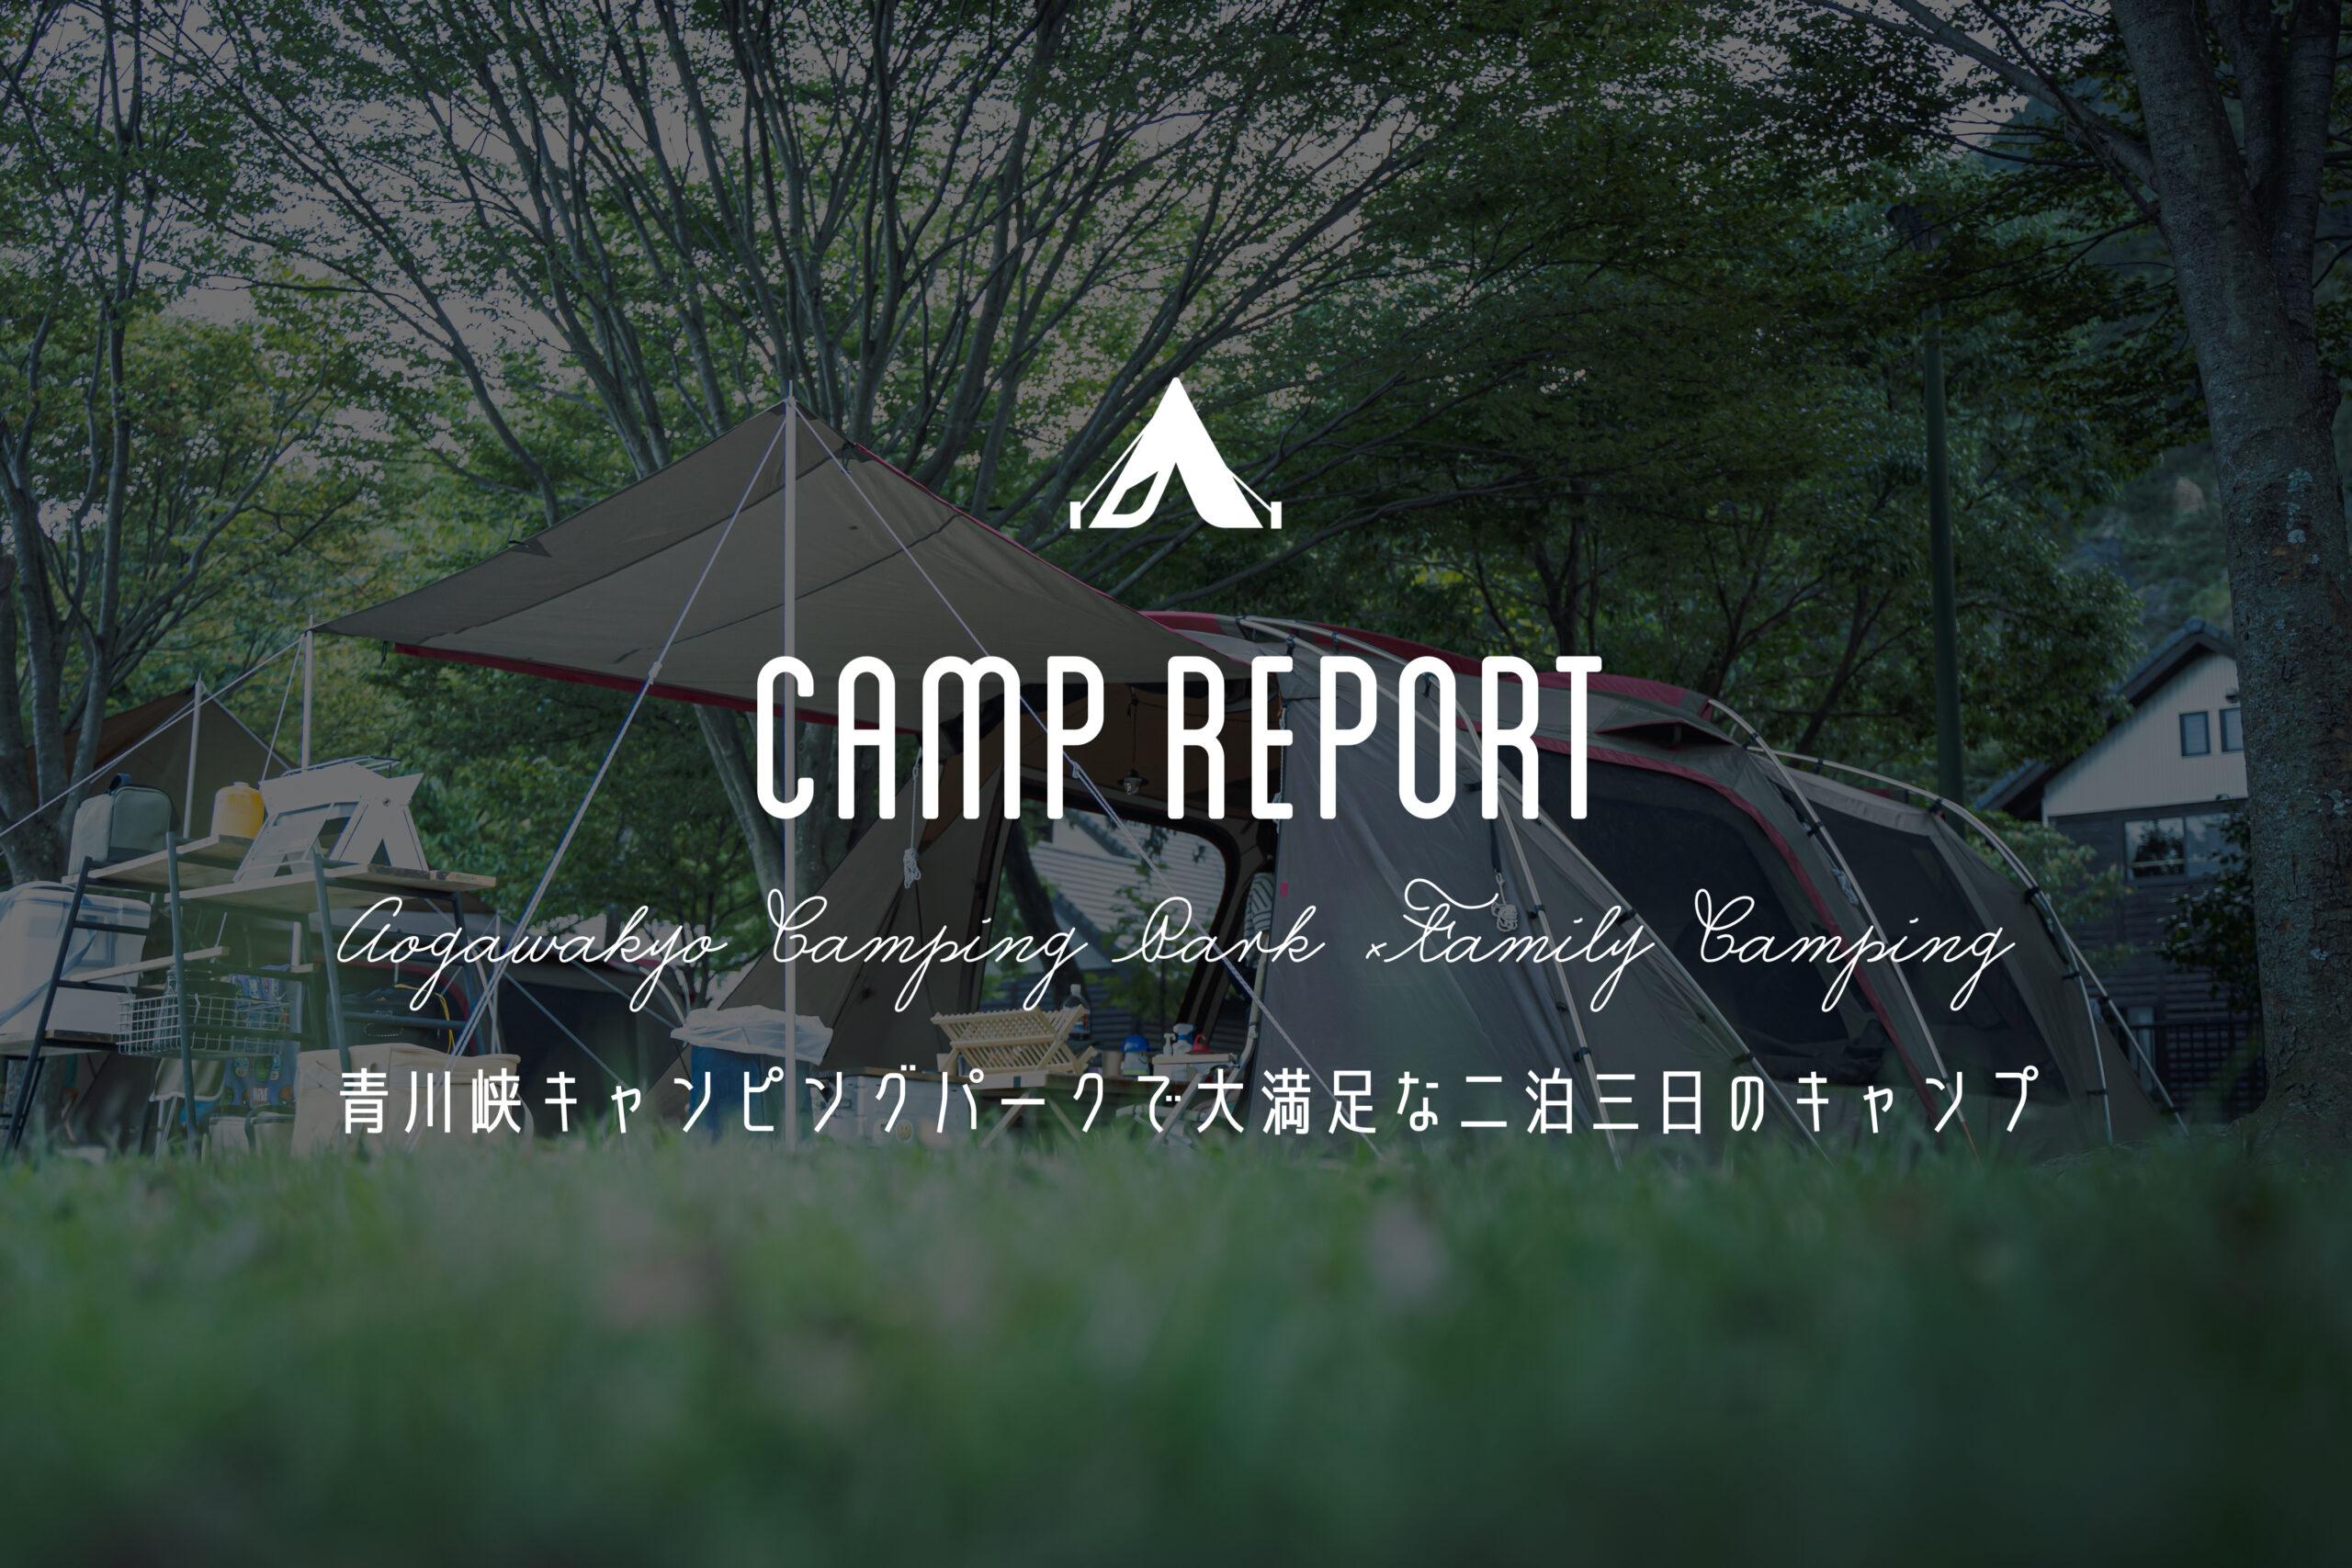 """【キャンプレポ】青川峡キャンピングパークでファミリーキャンプを """"大"""" 満喫な二泊三日キャンプ"""